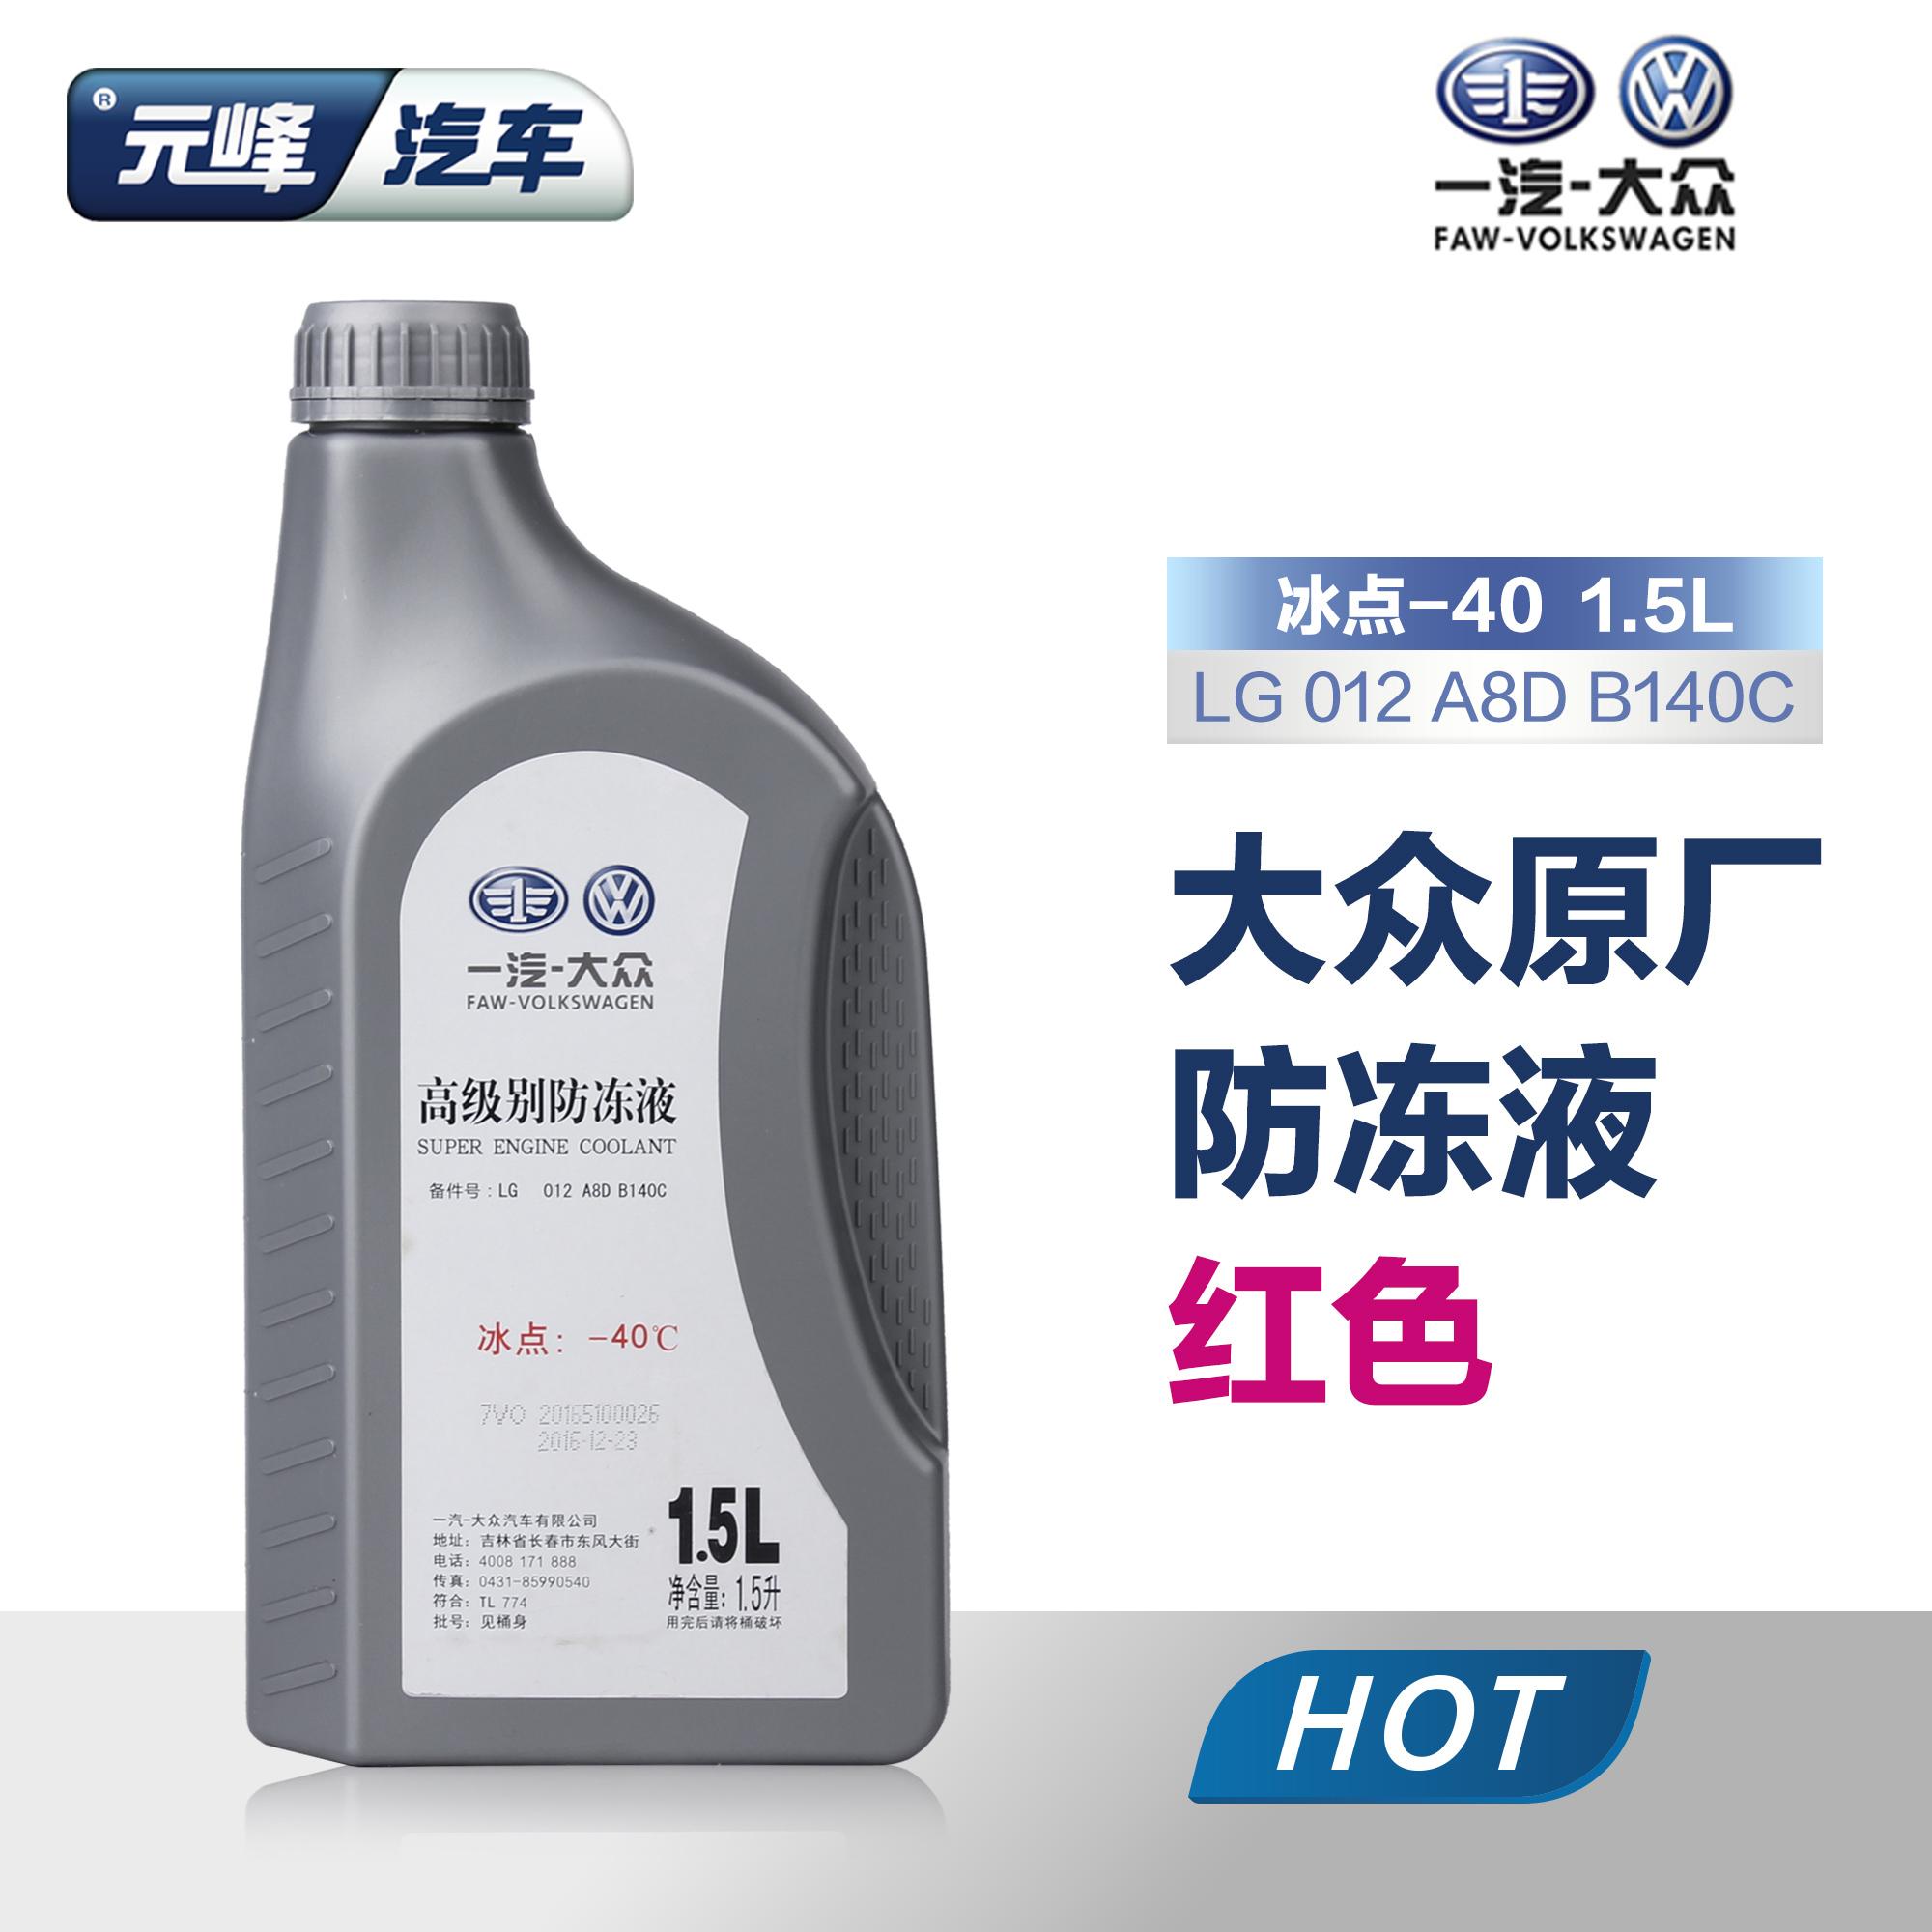 一汽大众高级防冻液G12 G13适用迈腾CC速腾高尔夫原厂红色冷却液